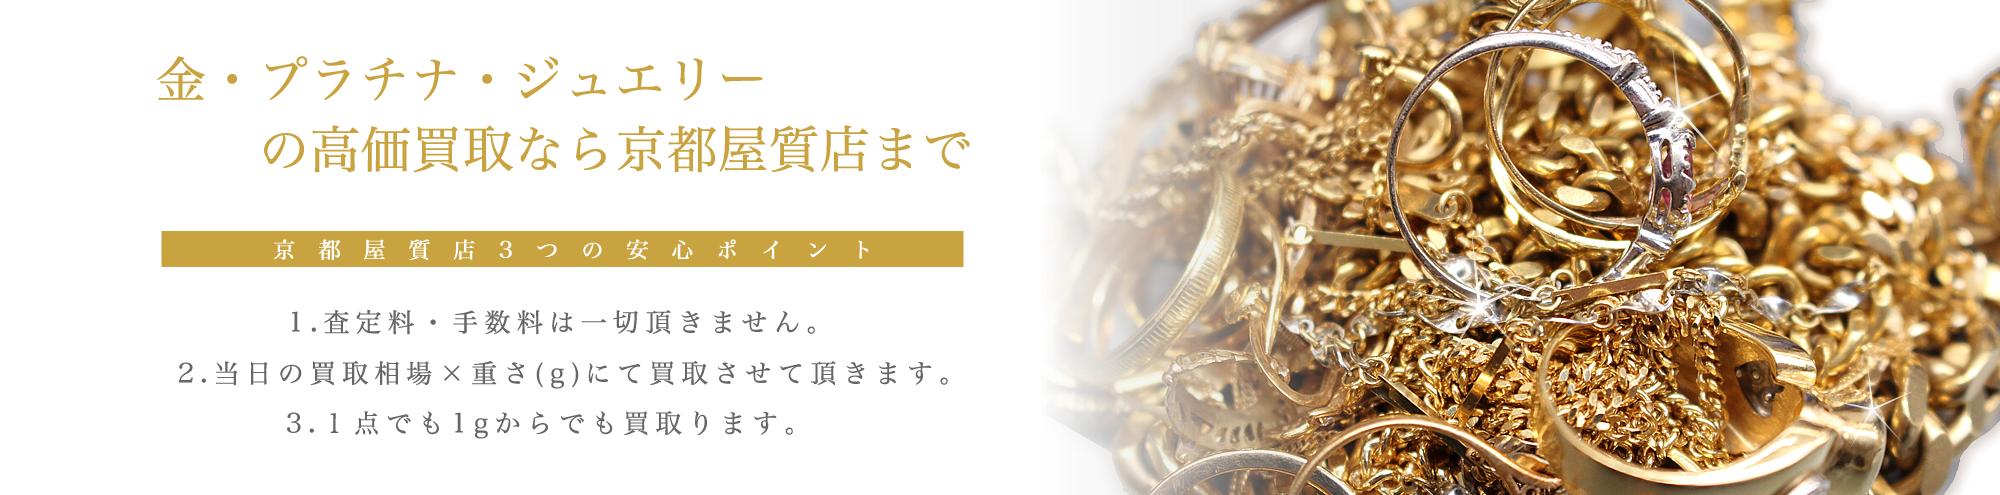 金・プラチナ・銀 高価買取 査定無料 滋賀 京都 草津 大津